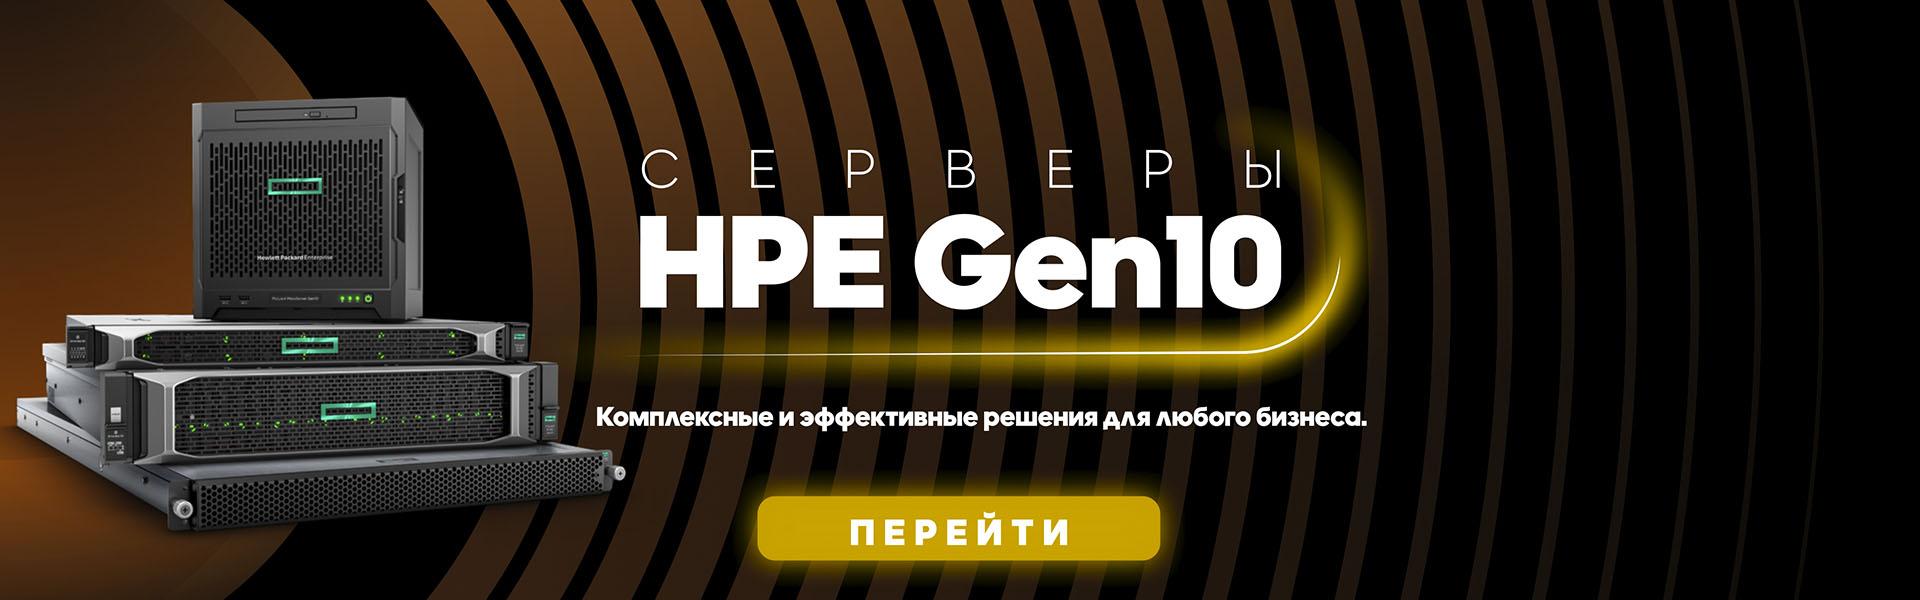 Серверное оборудование HP Gen 10